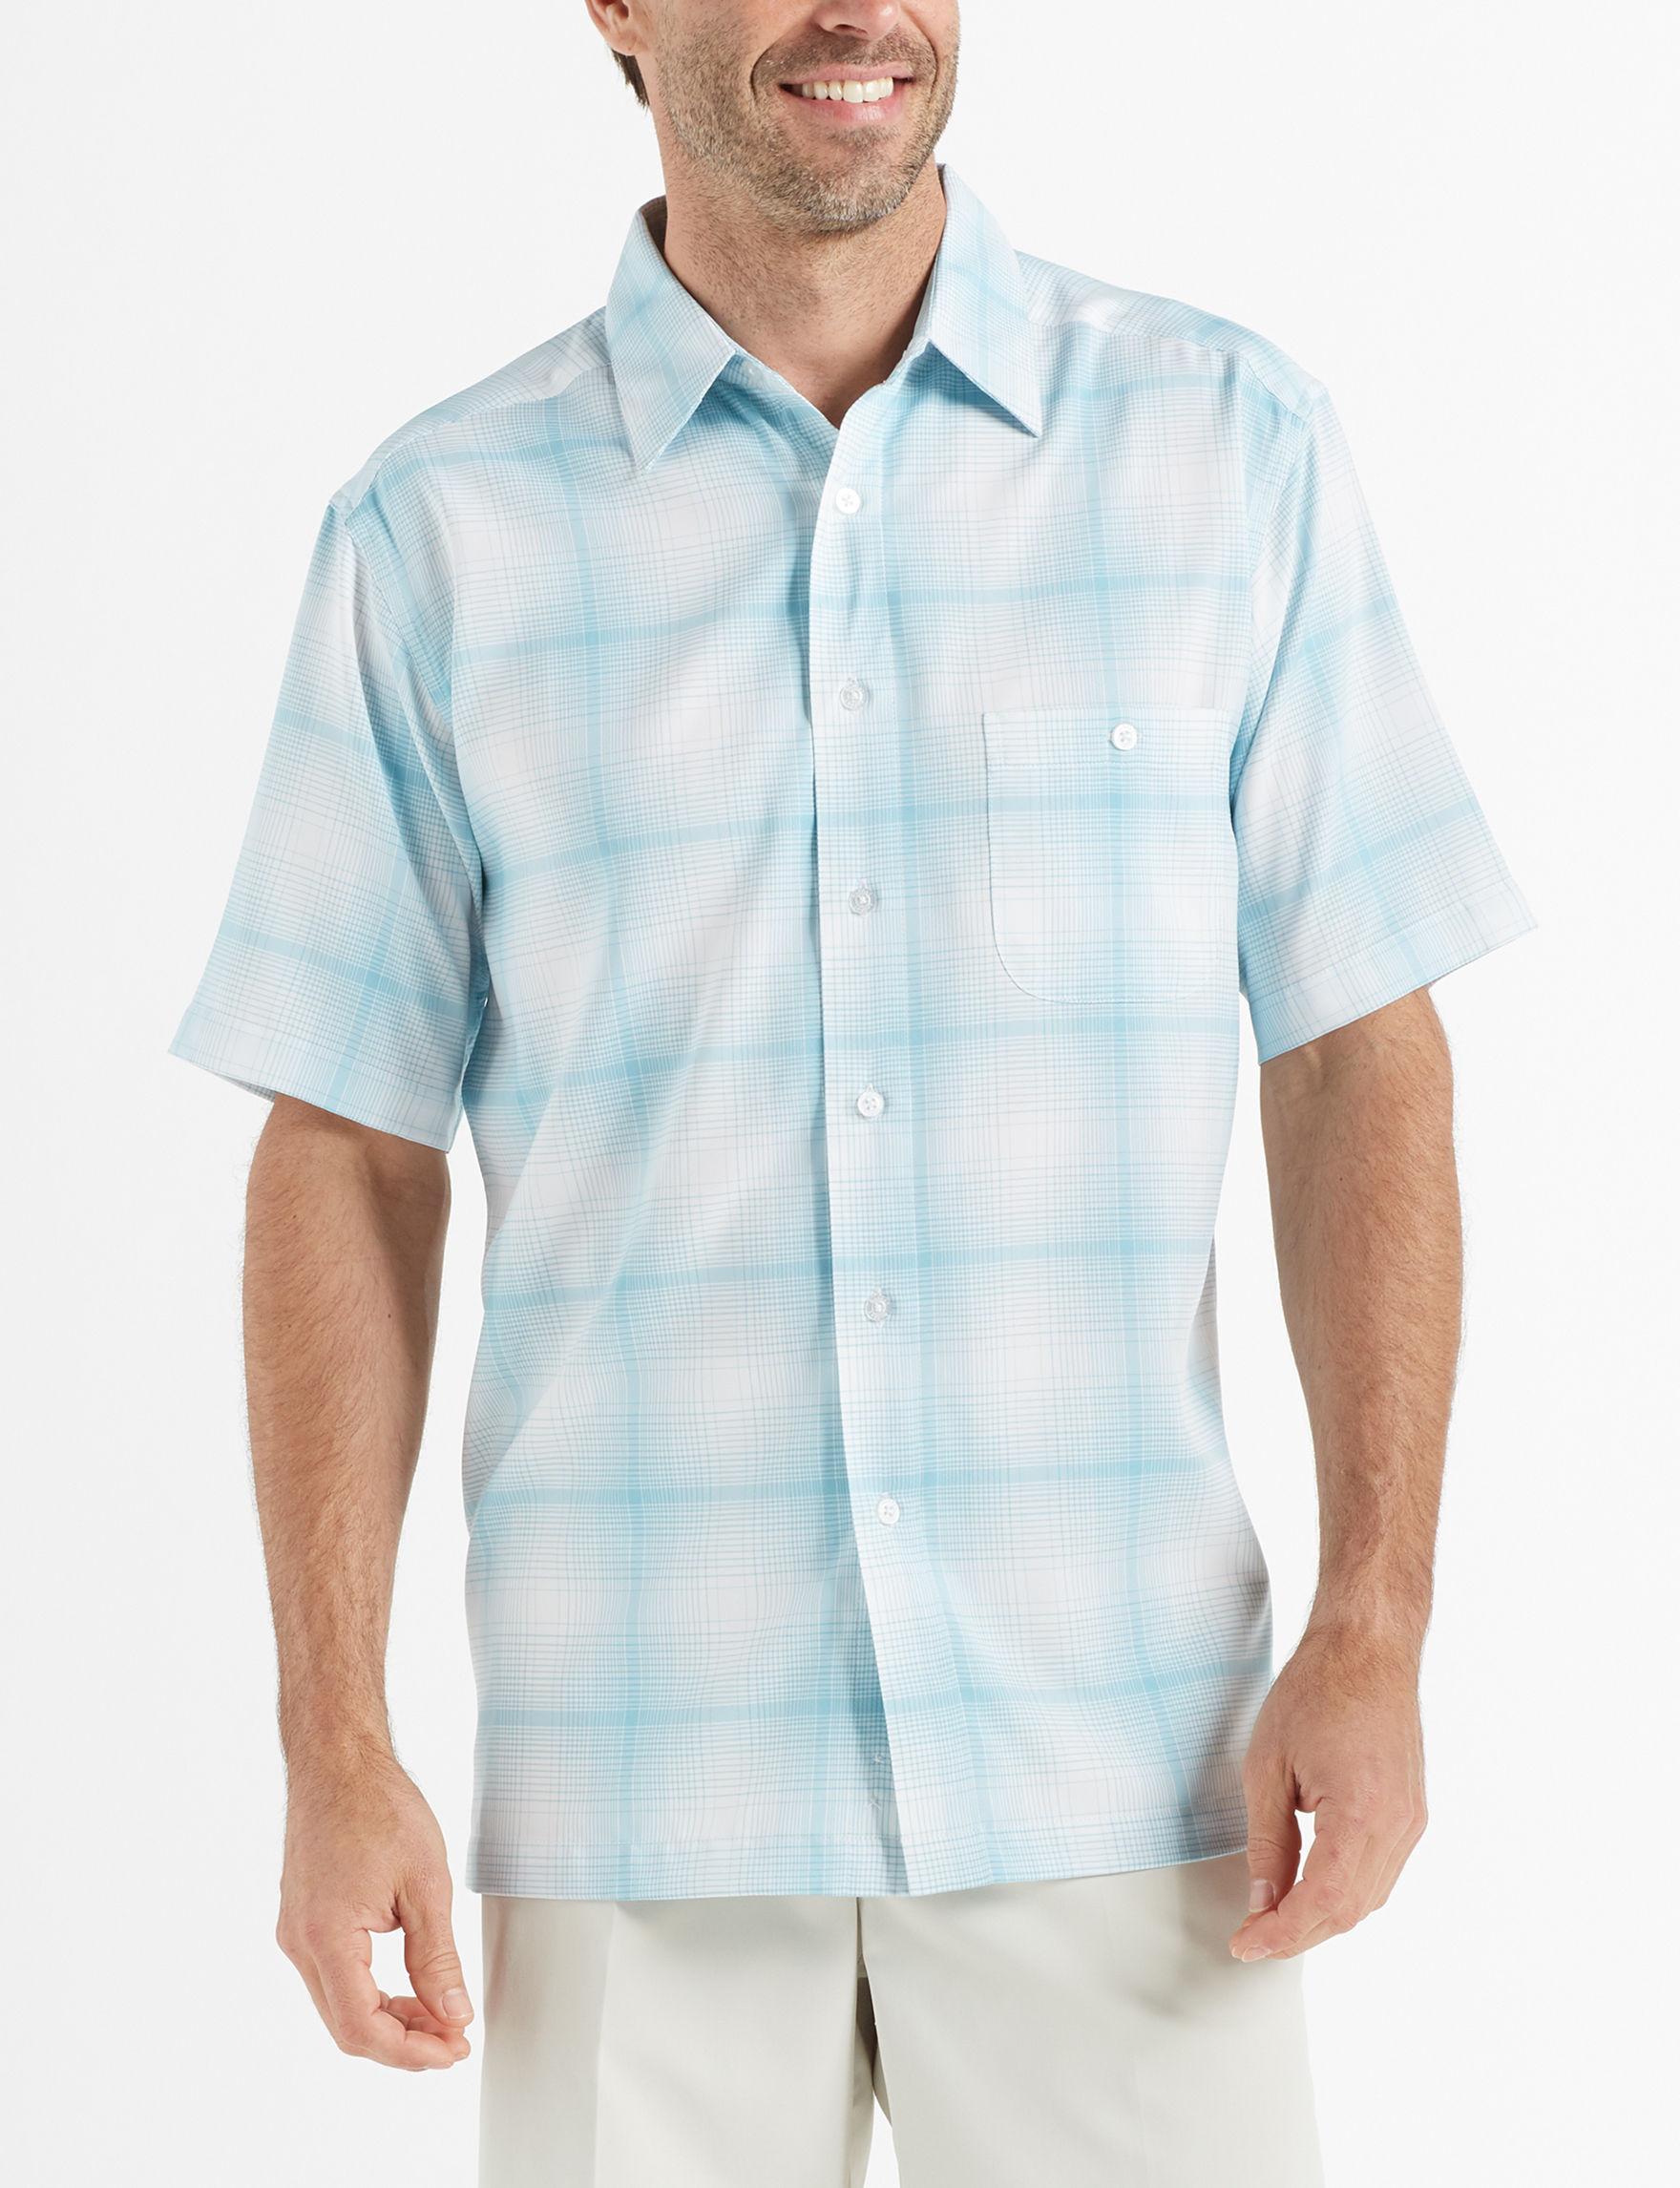 Haggar White Casual Button Down Shirts